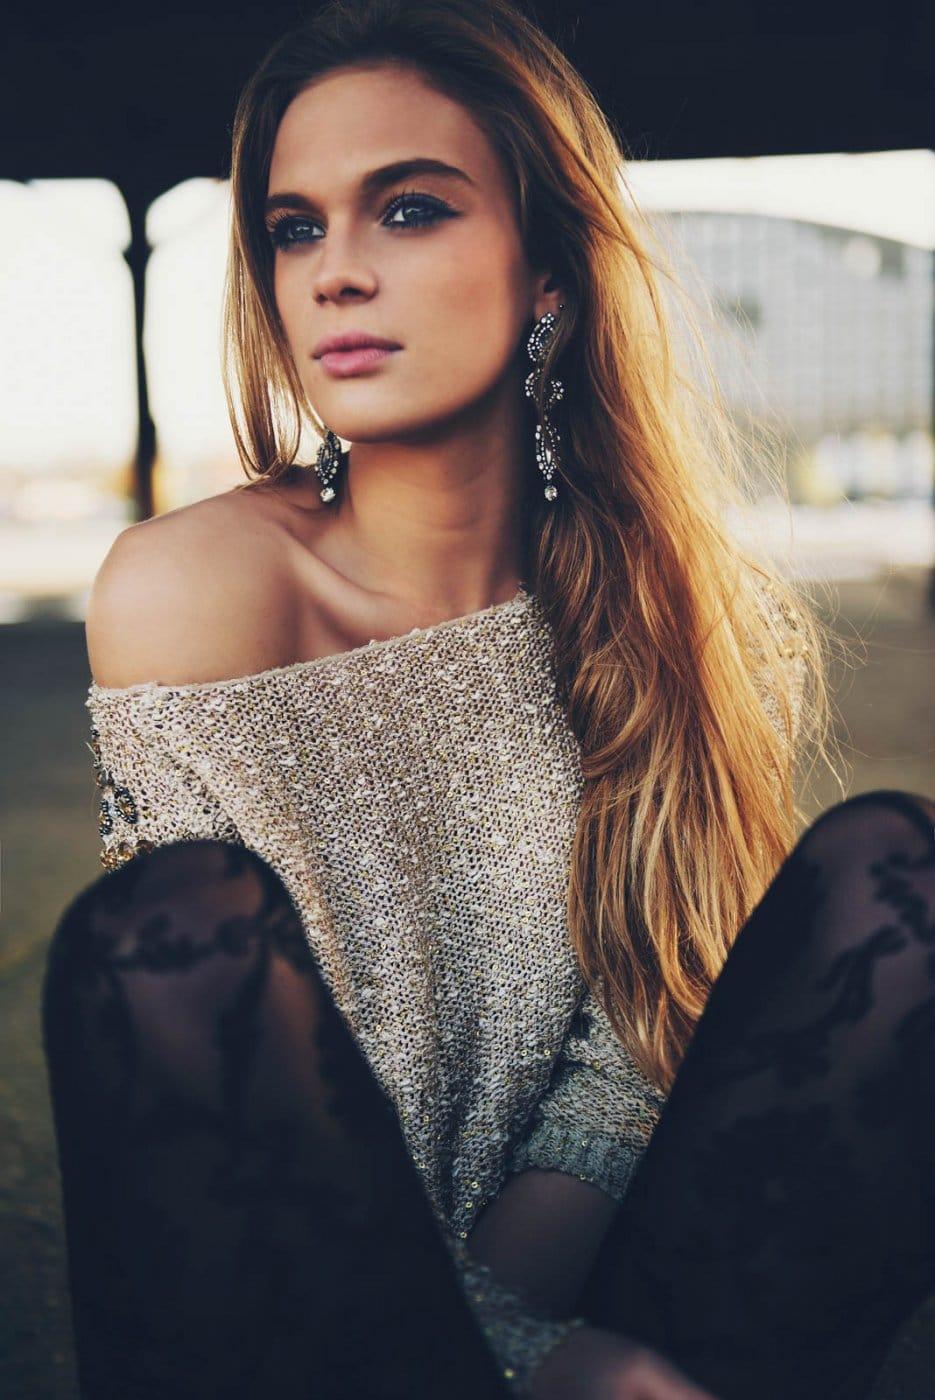 Portrait Photography By Anastasia Vervueren Golden Hours